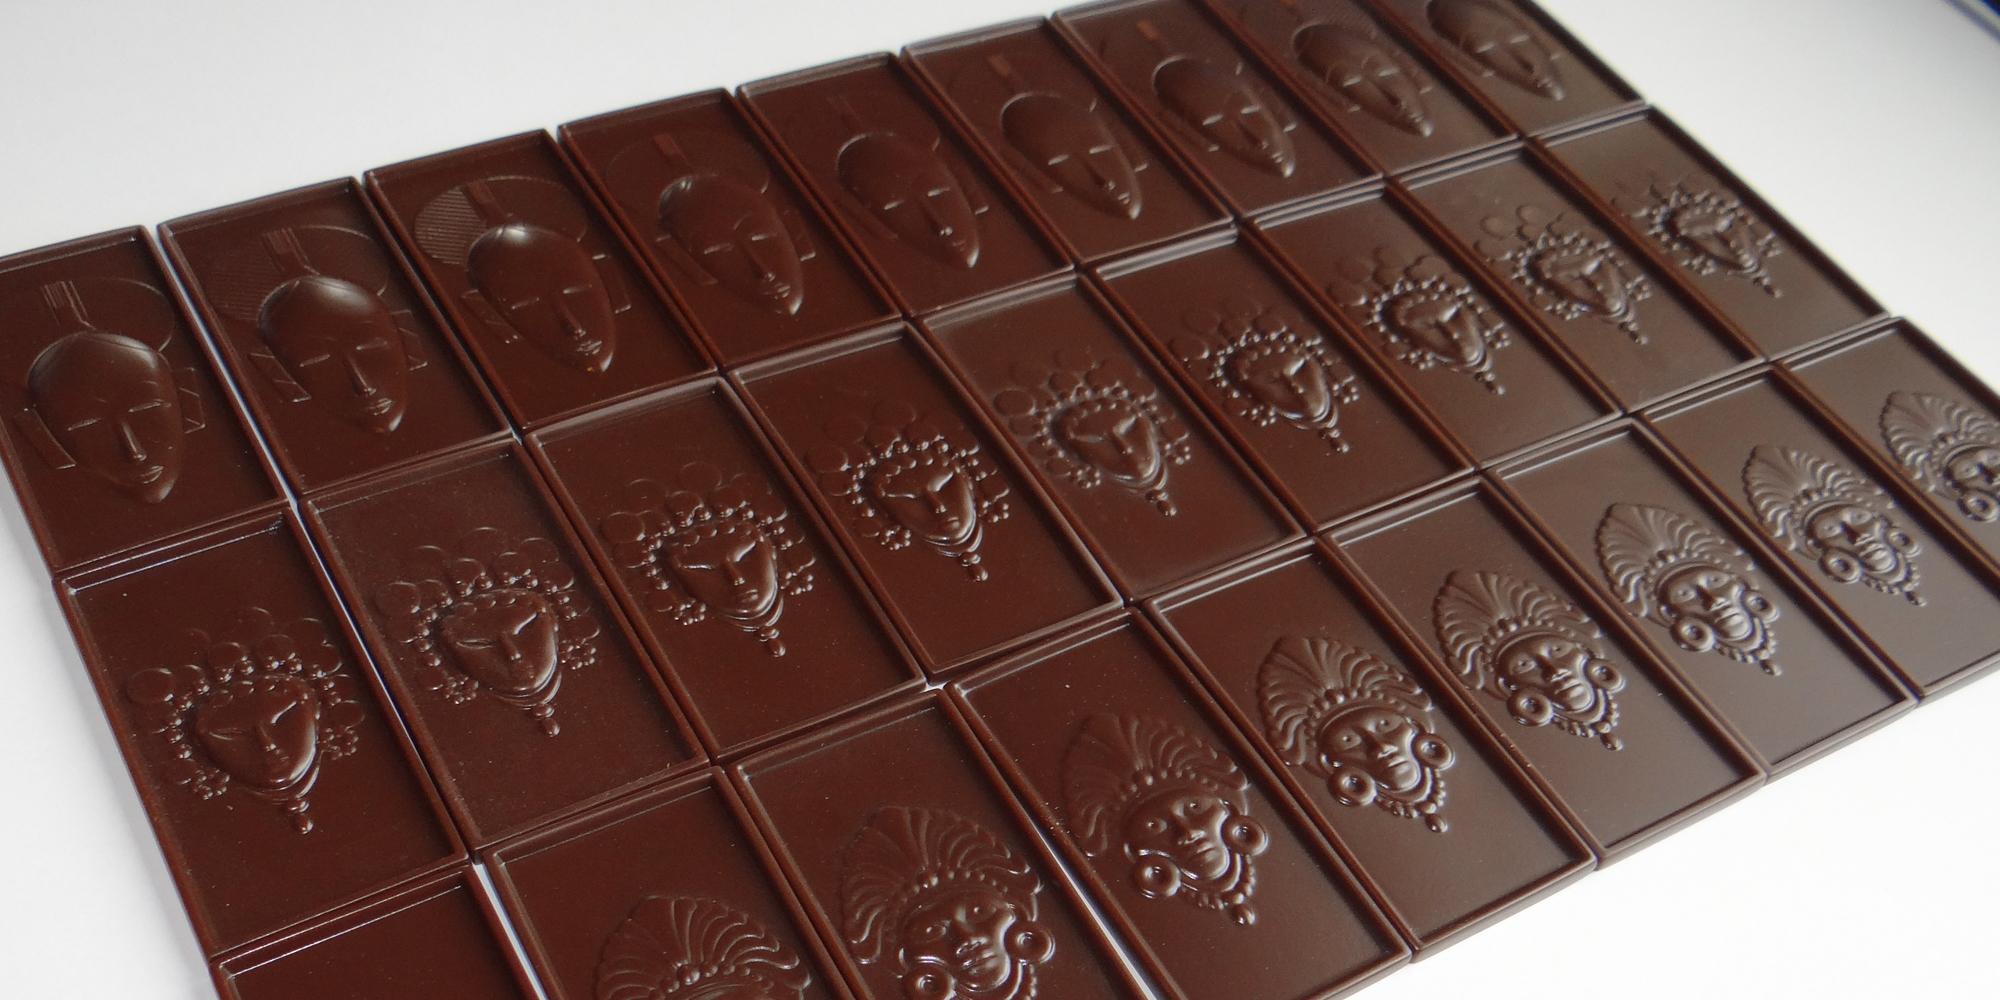 création de mini tablettes de chocolat factices d'après moules pour chocolatier haut de gamme